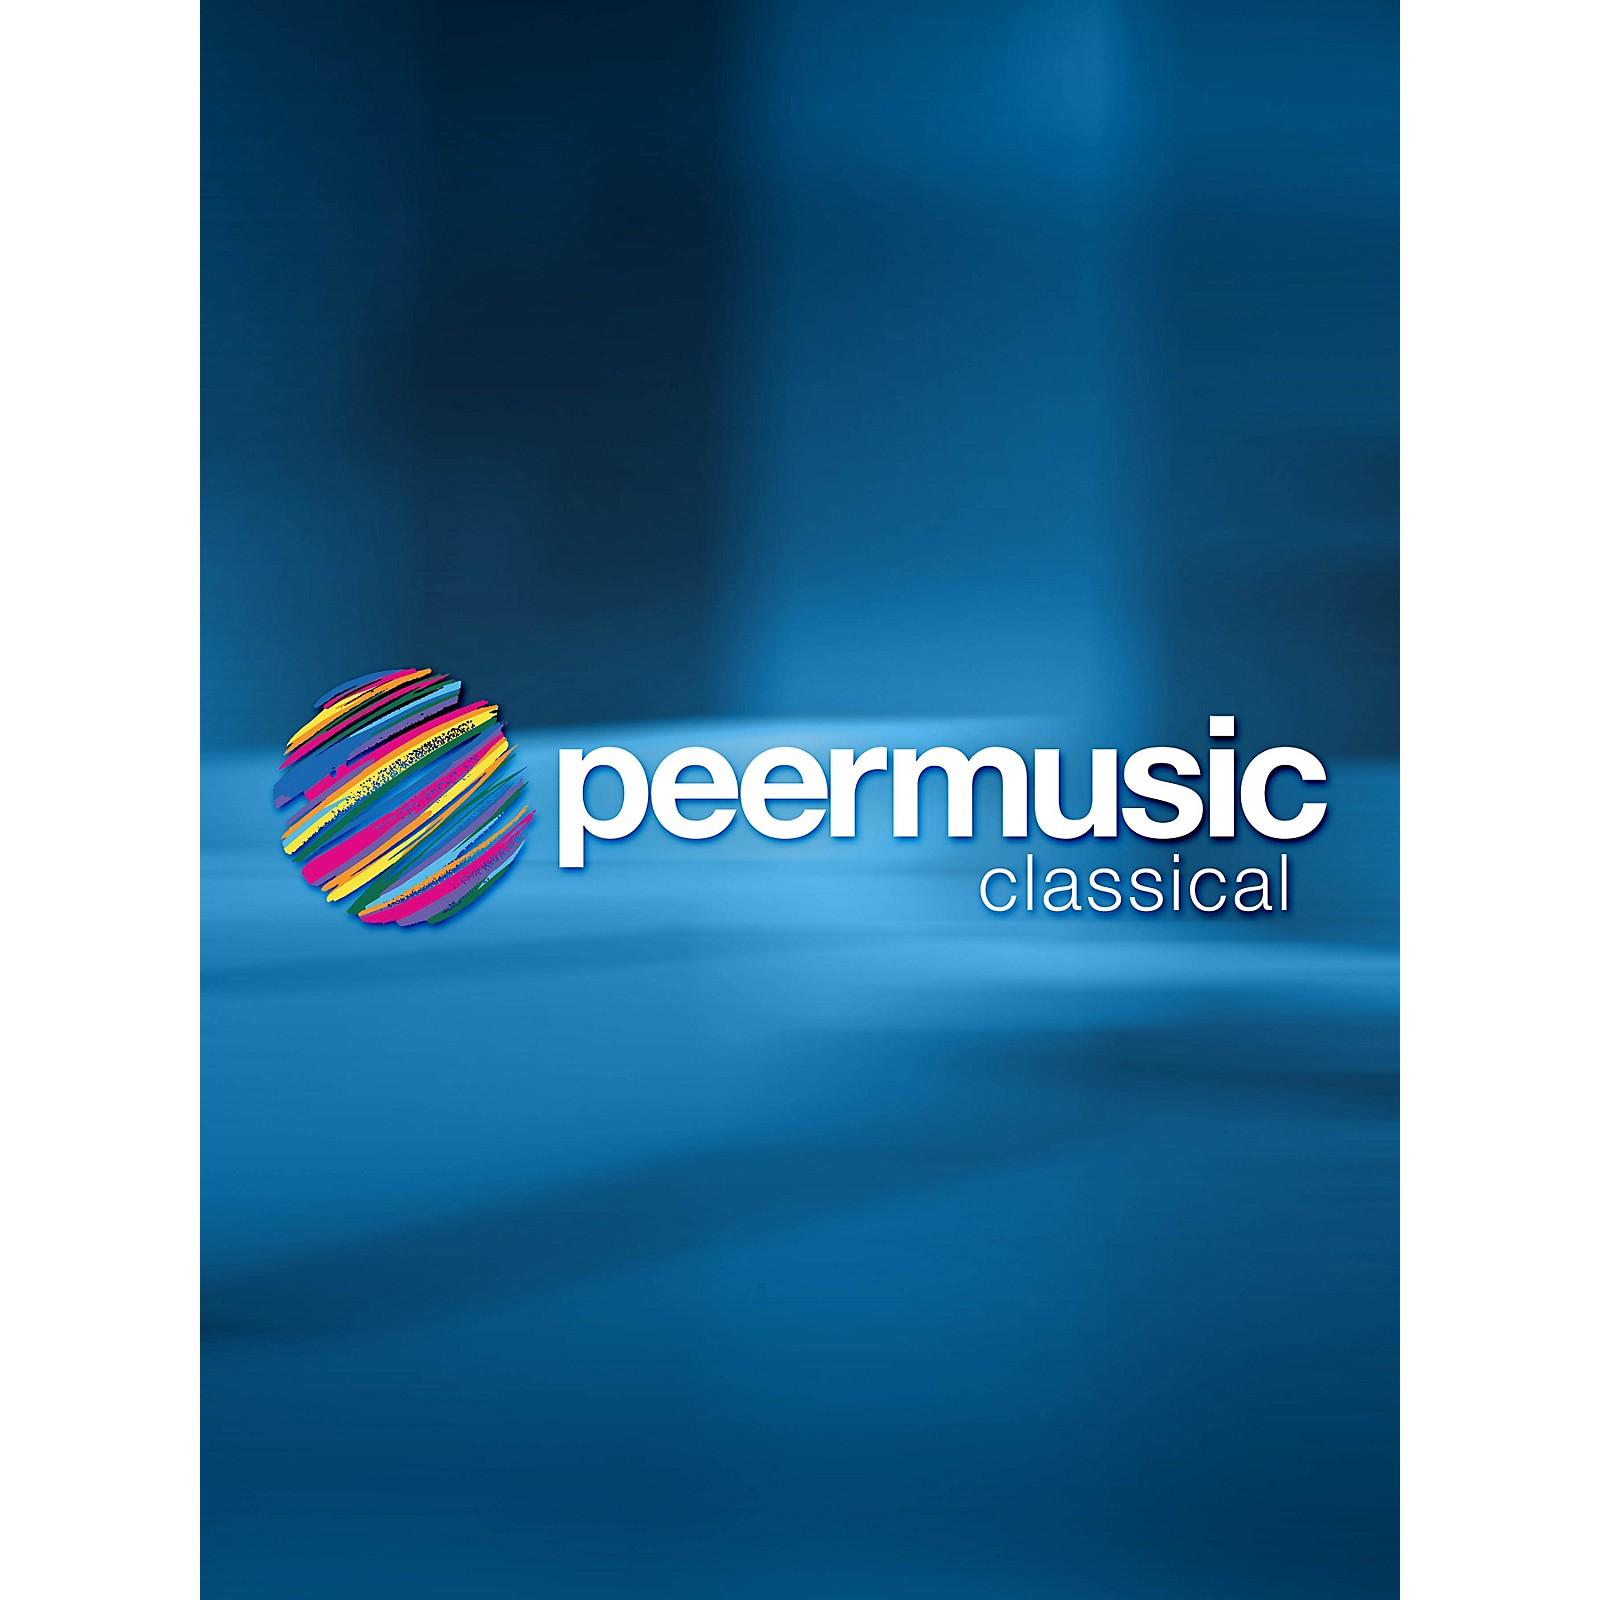 Peer Music Agnus Dei (Brass Ensemble Score and Parts) Peermusic Classical Series Book by Giovanni Gabrieli